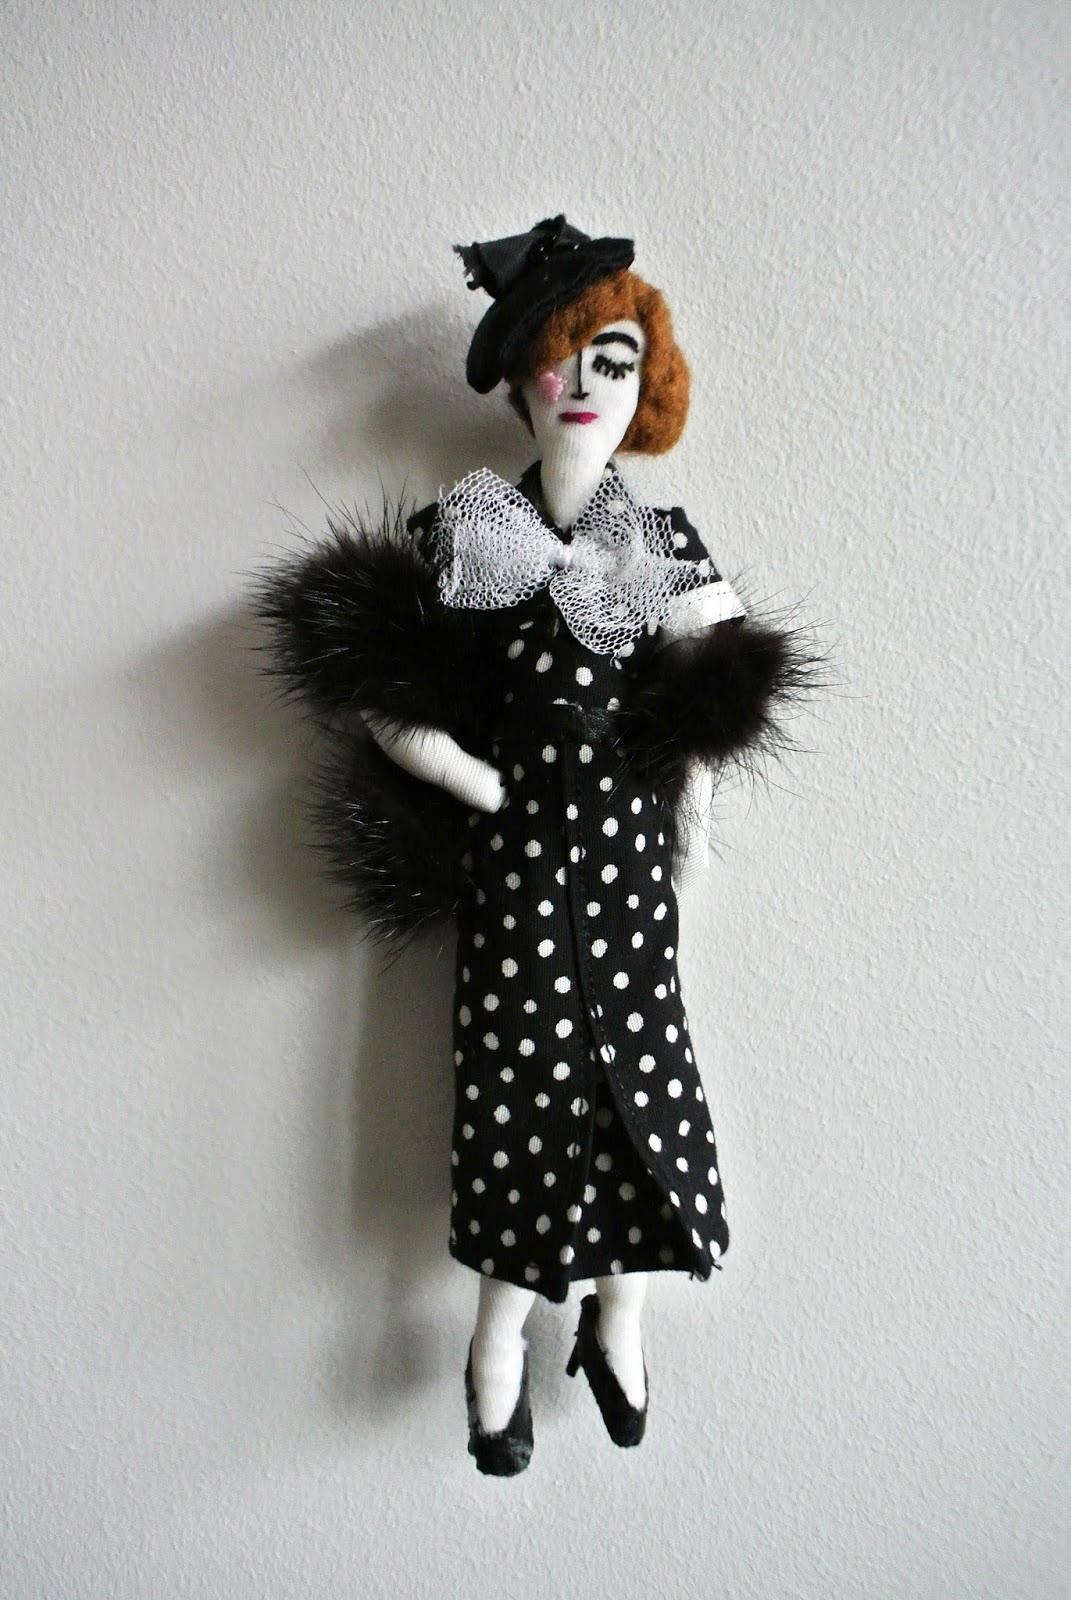 le blog de gabrielle aznar la petite poup e de mode des ann es 30 dans sa robe pois. Black Bedroom Furniture Sets. Home Design Ideas